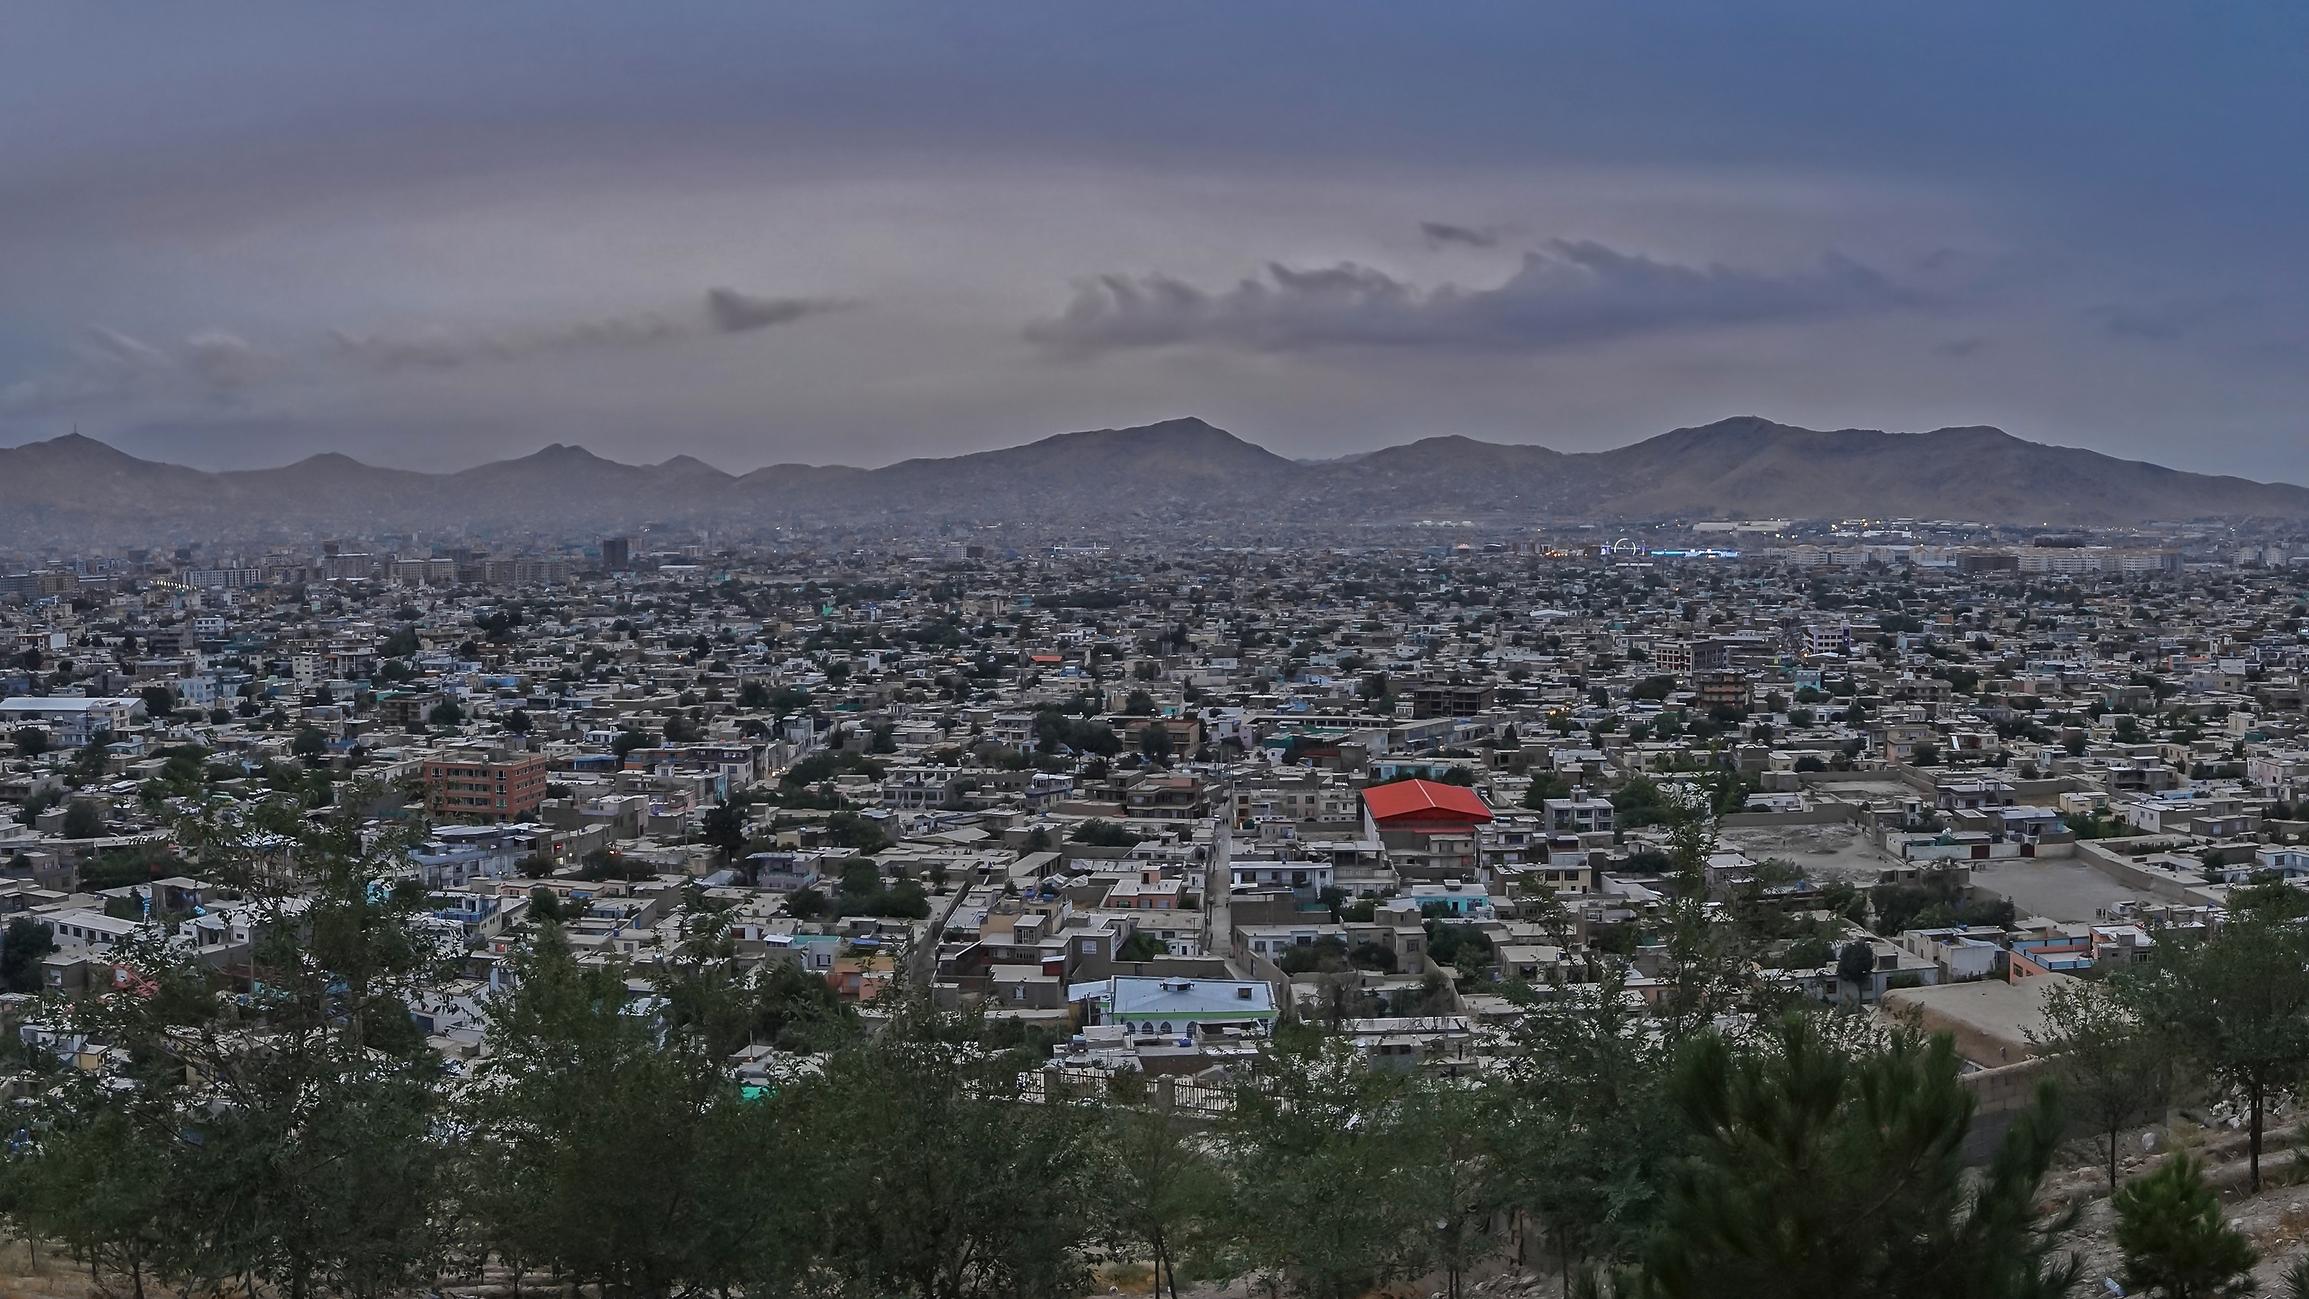 afghanistan torsten pursche licensed